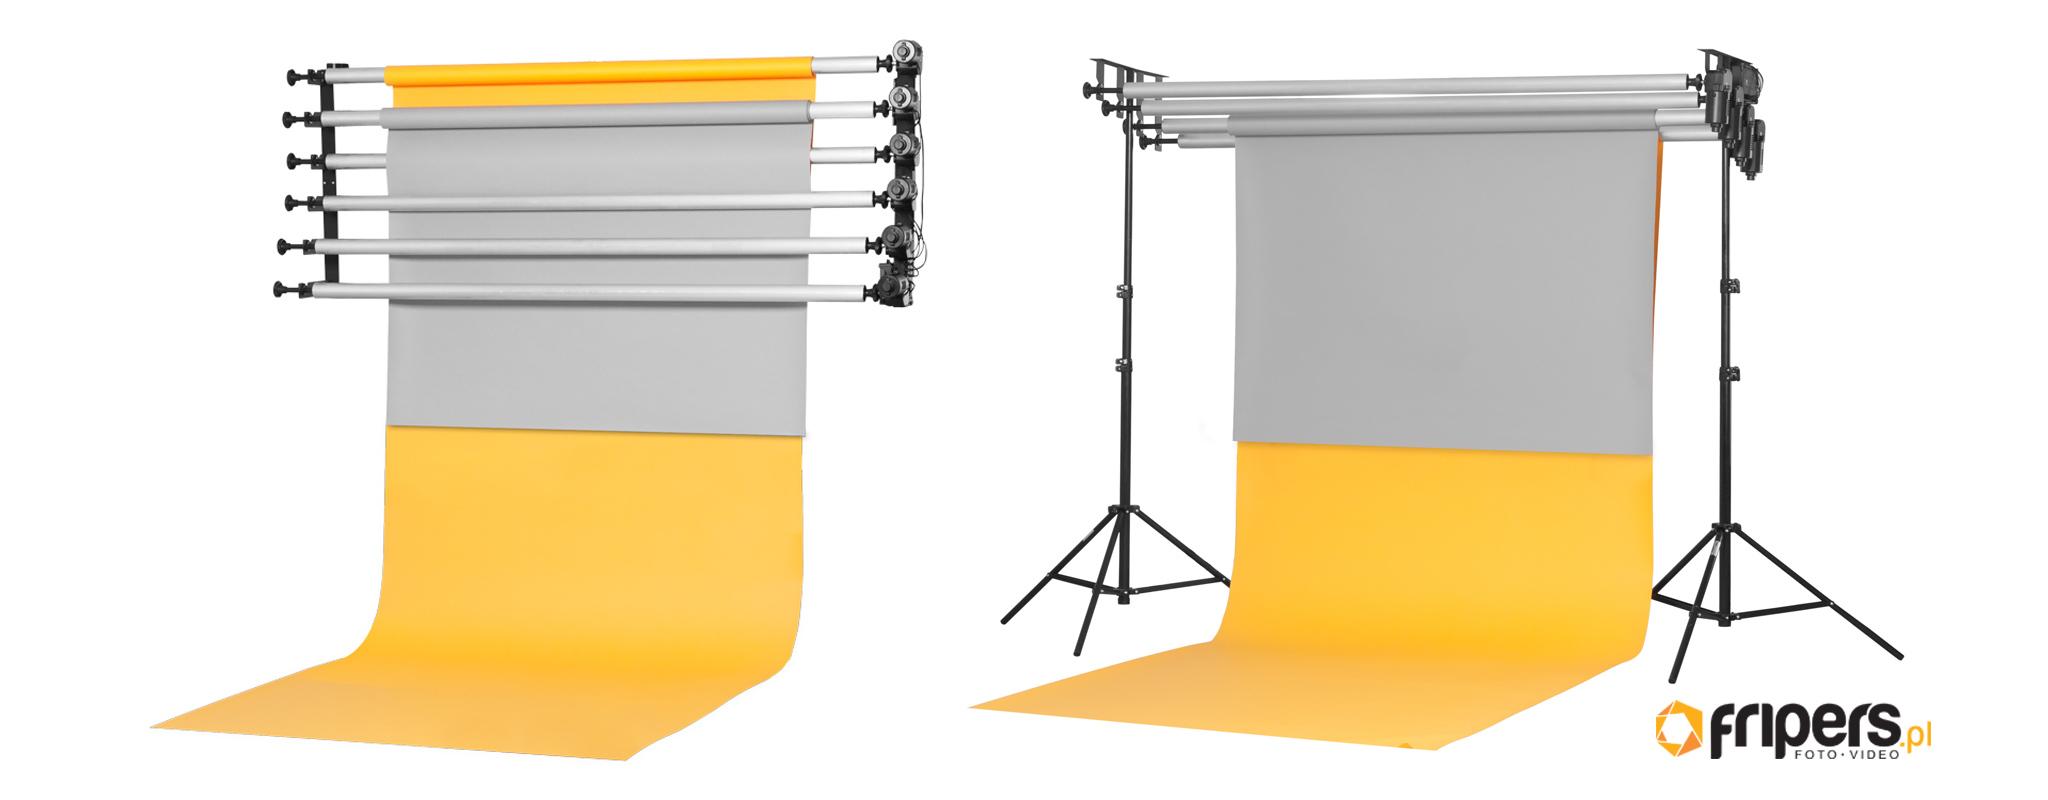 systemy zawieszania teł fotograficznych